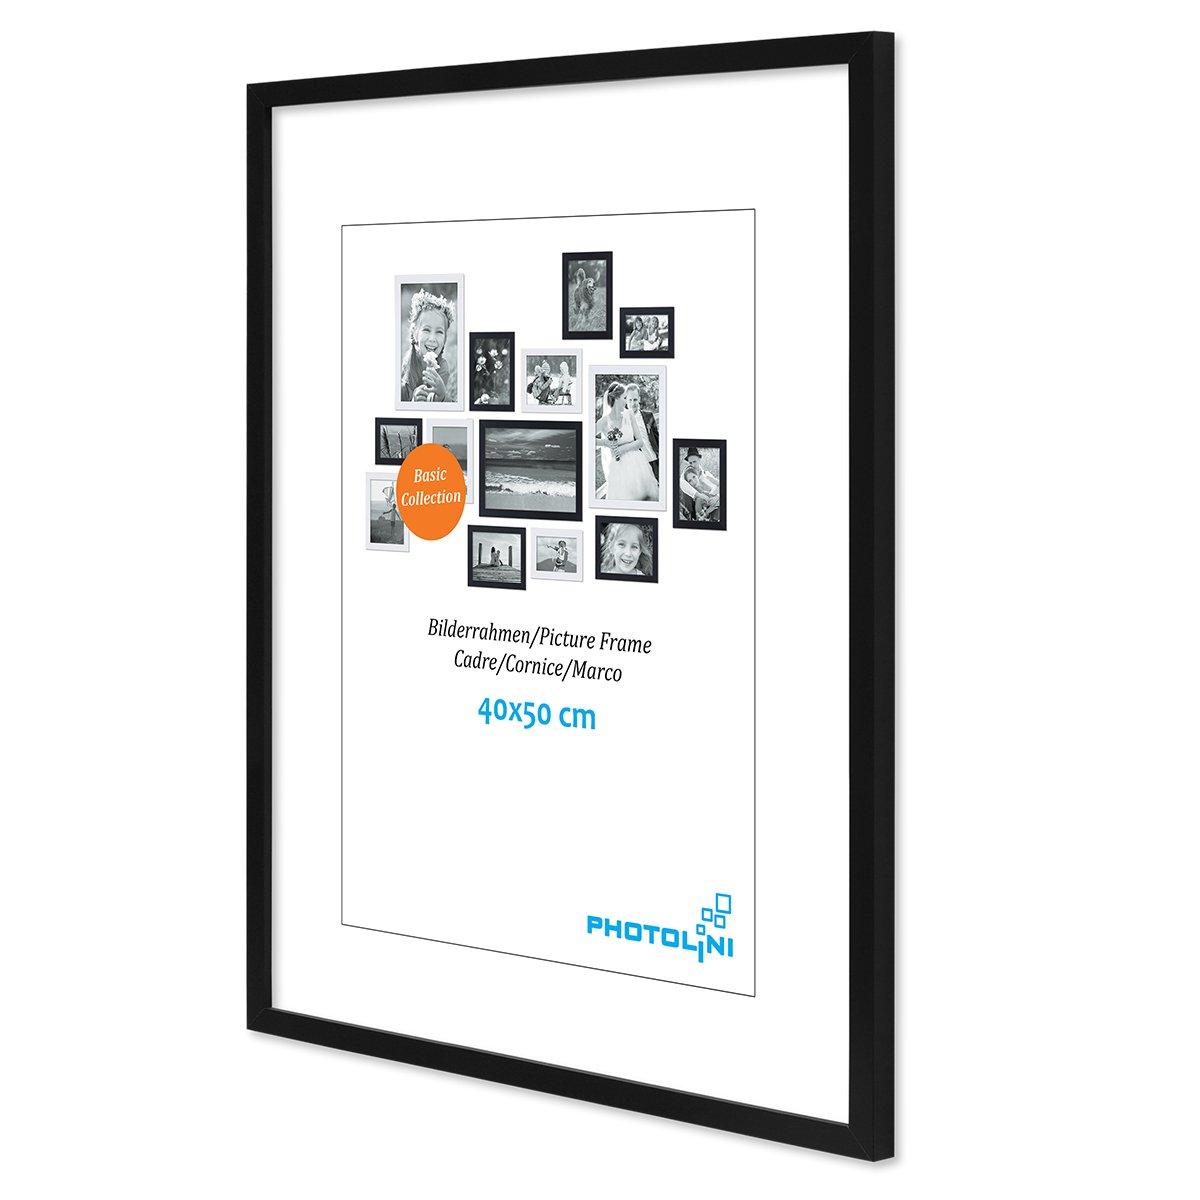 PHOTOLINI Poster-Bilderrahmen 40x50 cm Modern Schwarz aus MDF mit ...